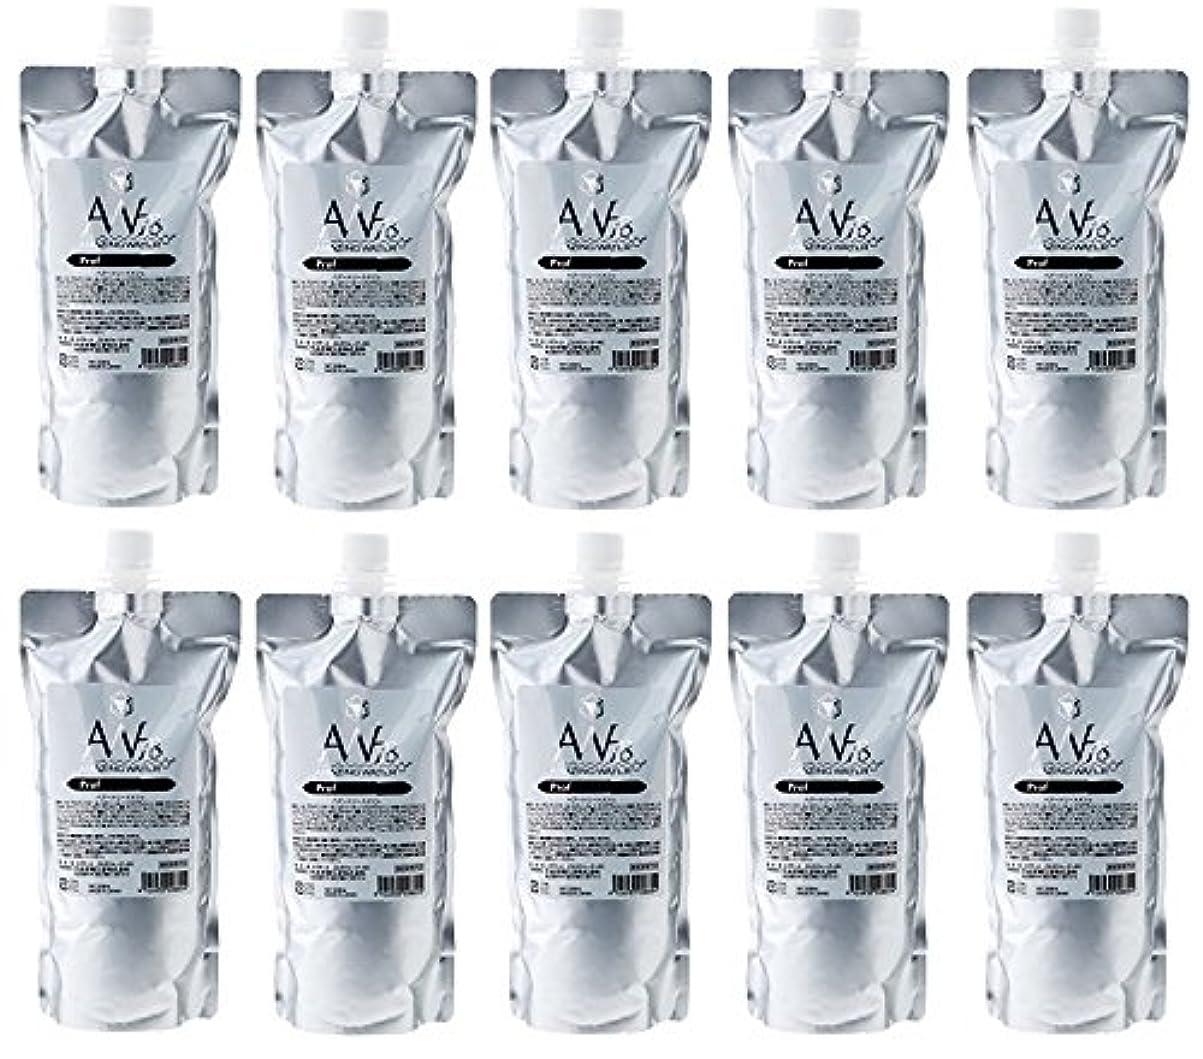 制裁スムーズに子中央有機化学 AW78 アメイジングウォーター プロフェッショナル 500ml レフィル 10個セット